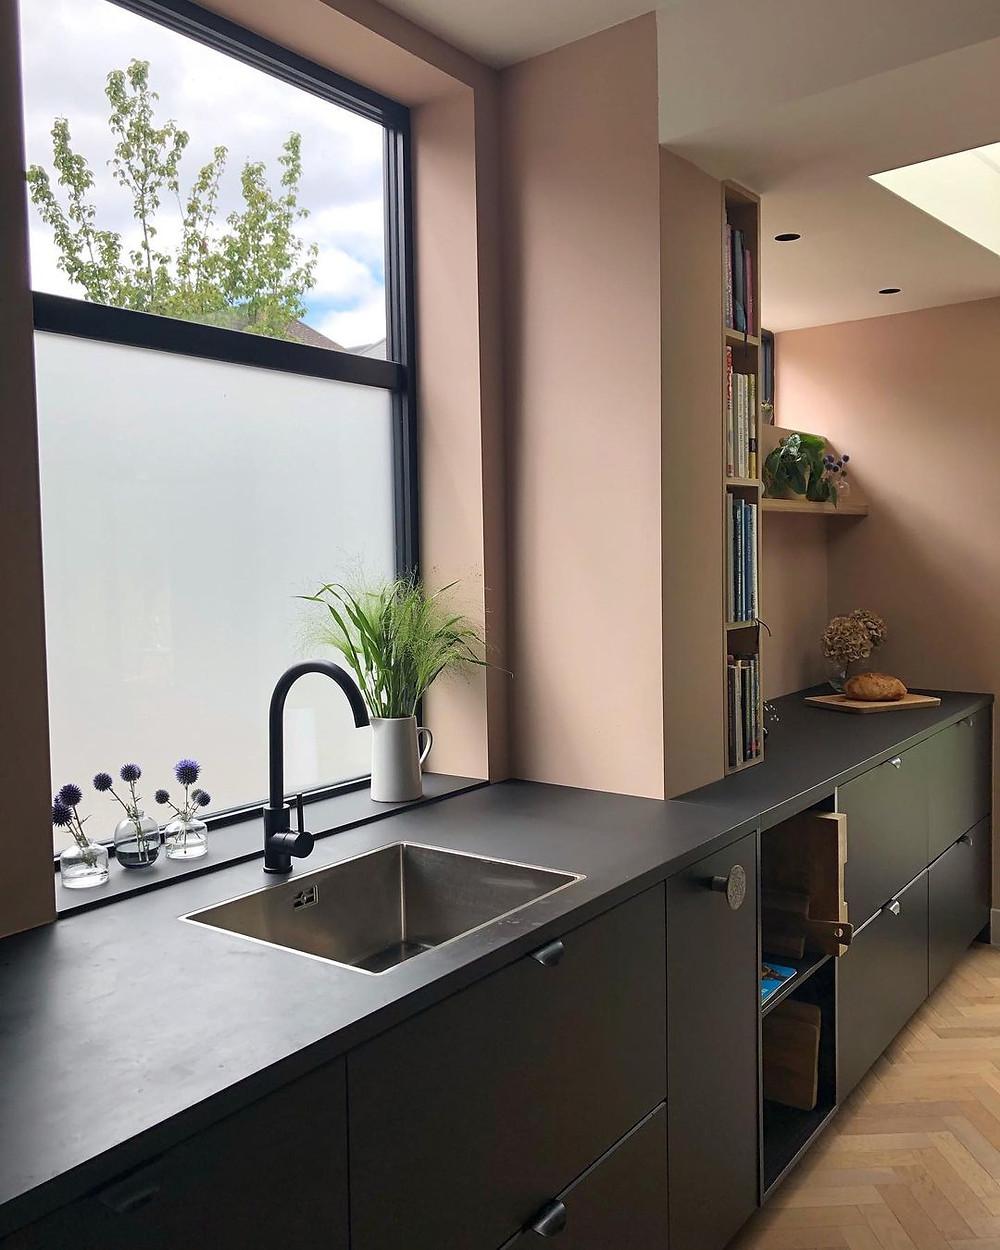 warm minimalist kitchen